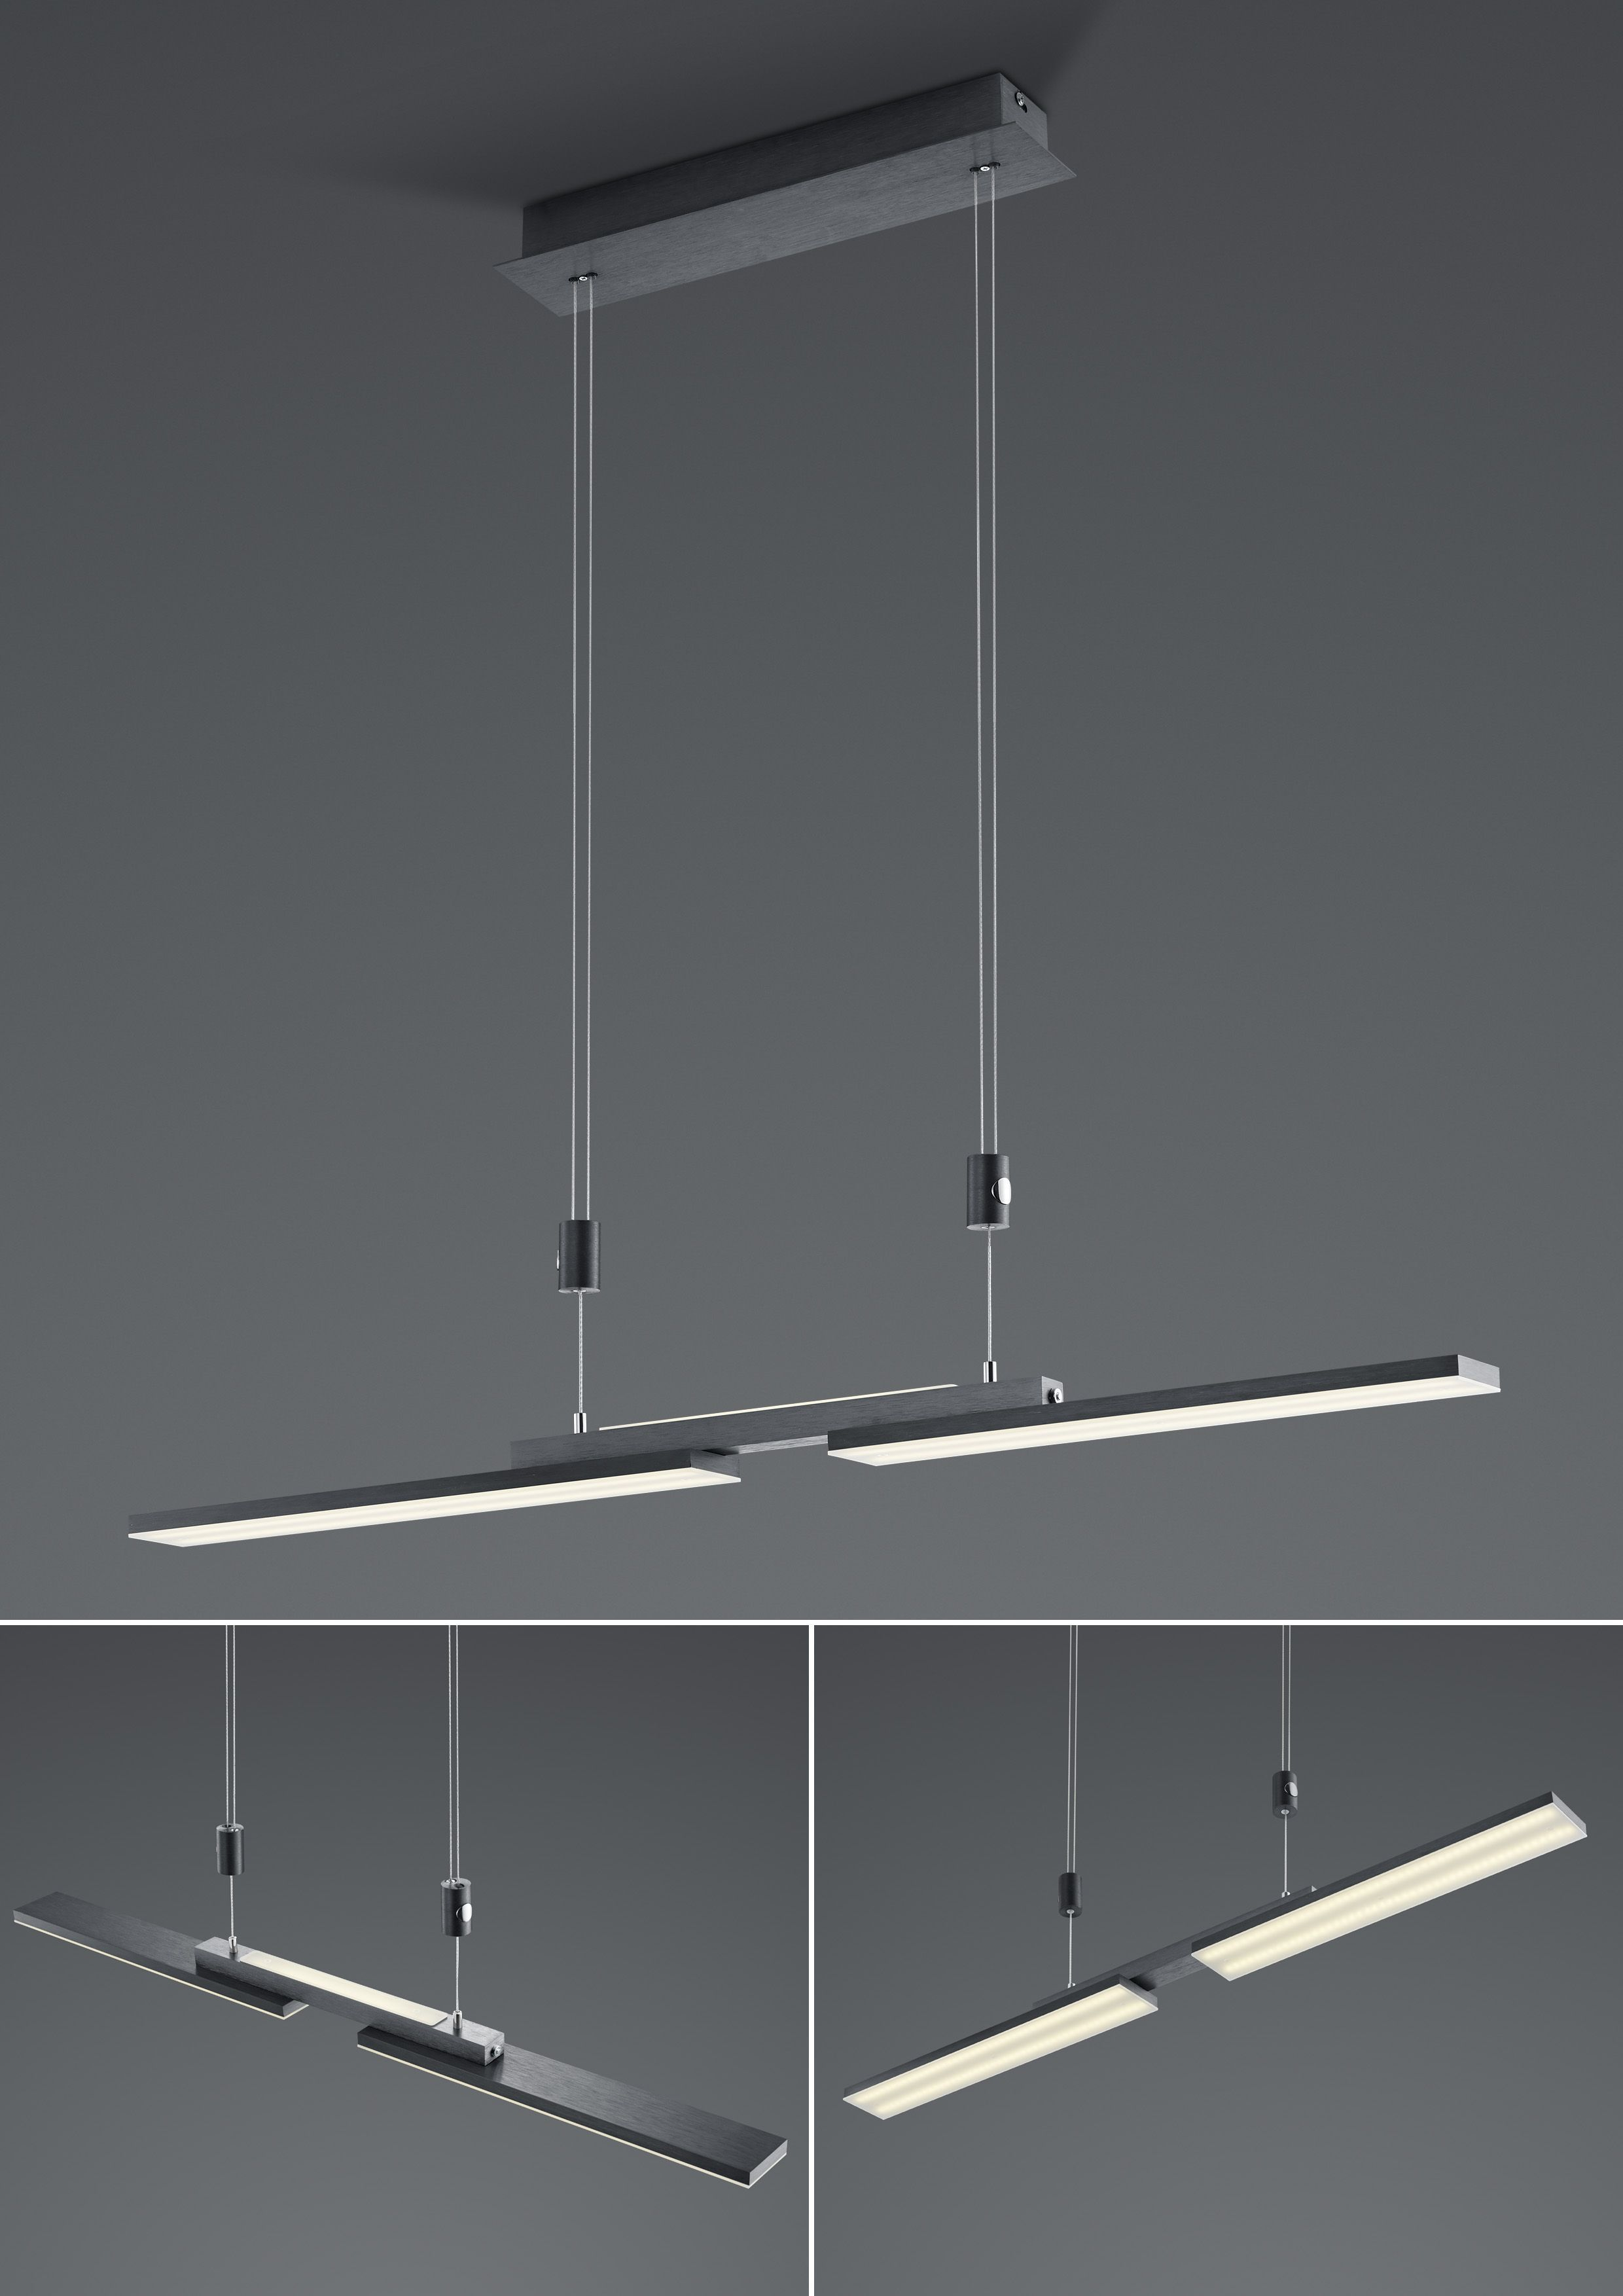 LED-Hängeleuchte Less/ groß von B-Leuchten